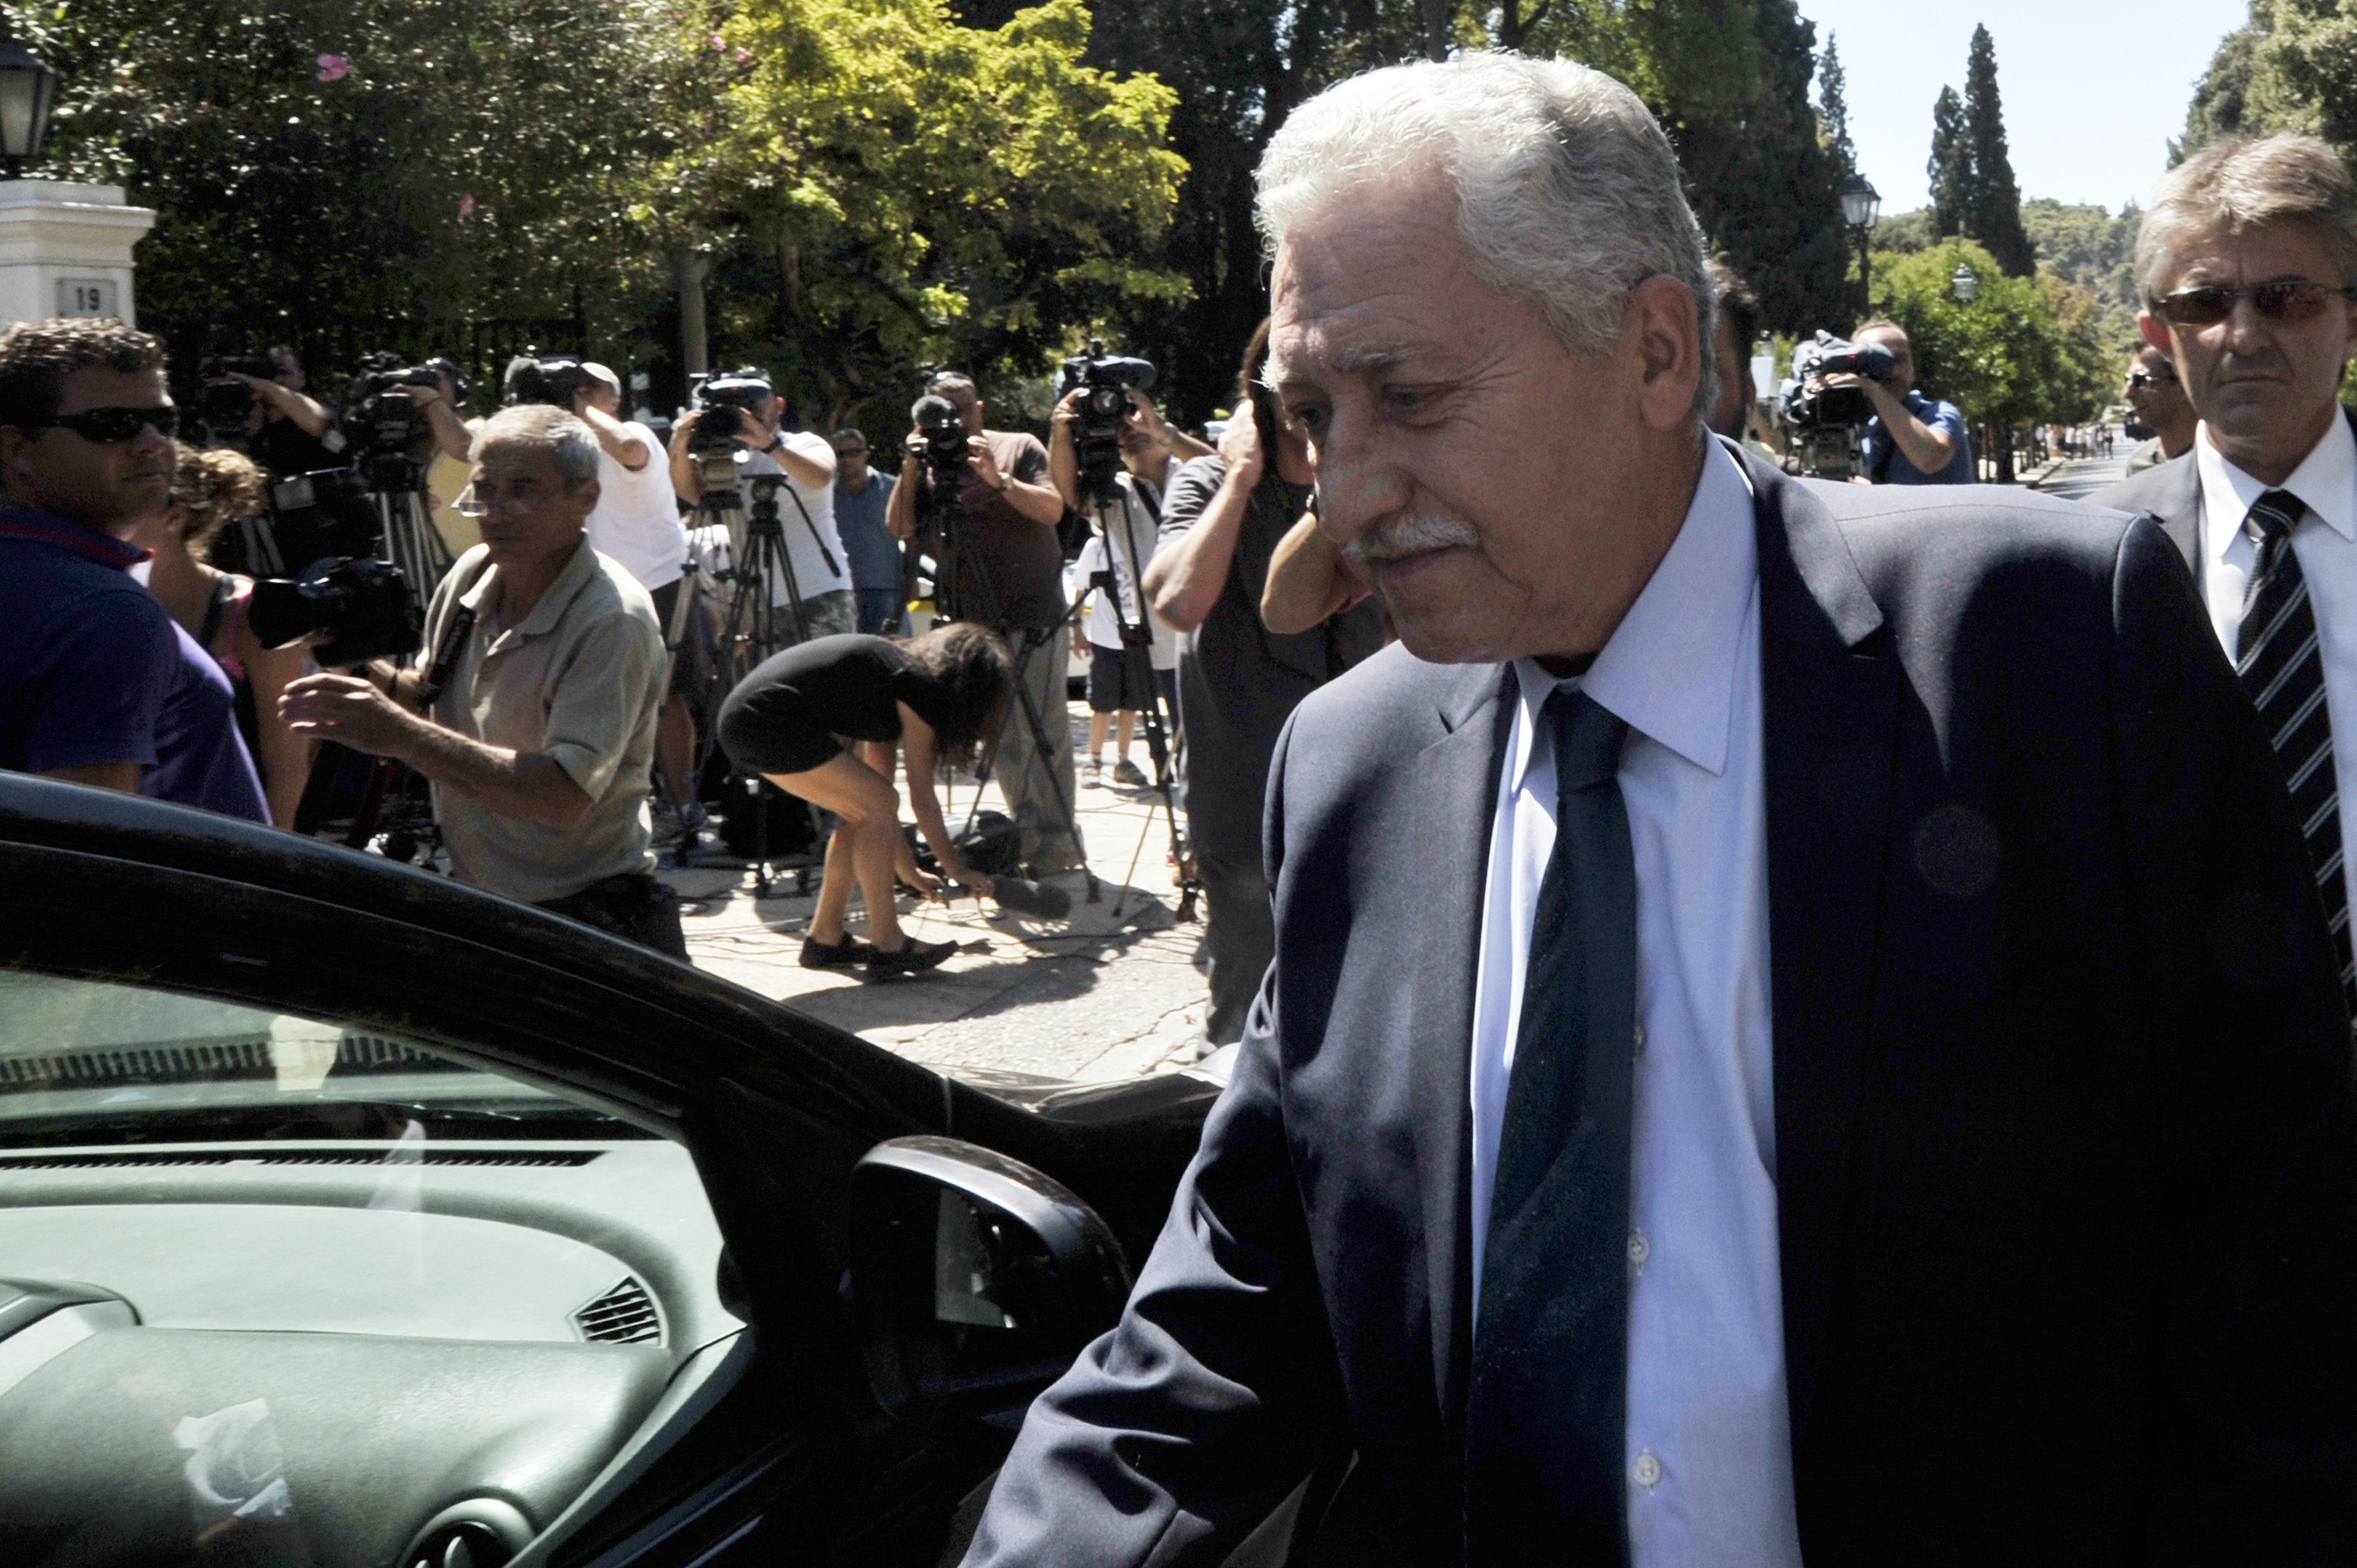 Πολιτική εκμετάλλευση από Ερντογάν εν όψει εκλογών, το θέμα των δύο ελλήνων στρατιωτικών, λέει ο